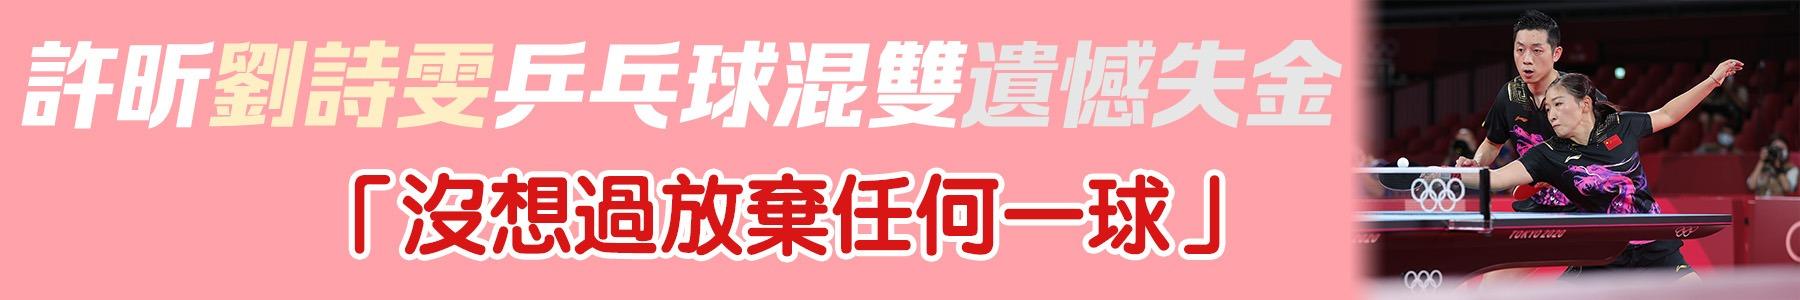 許昕劉詩雯乒乓球混雙遺憾失金:沒想過放棄任何一球